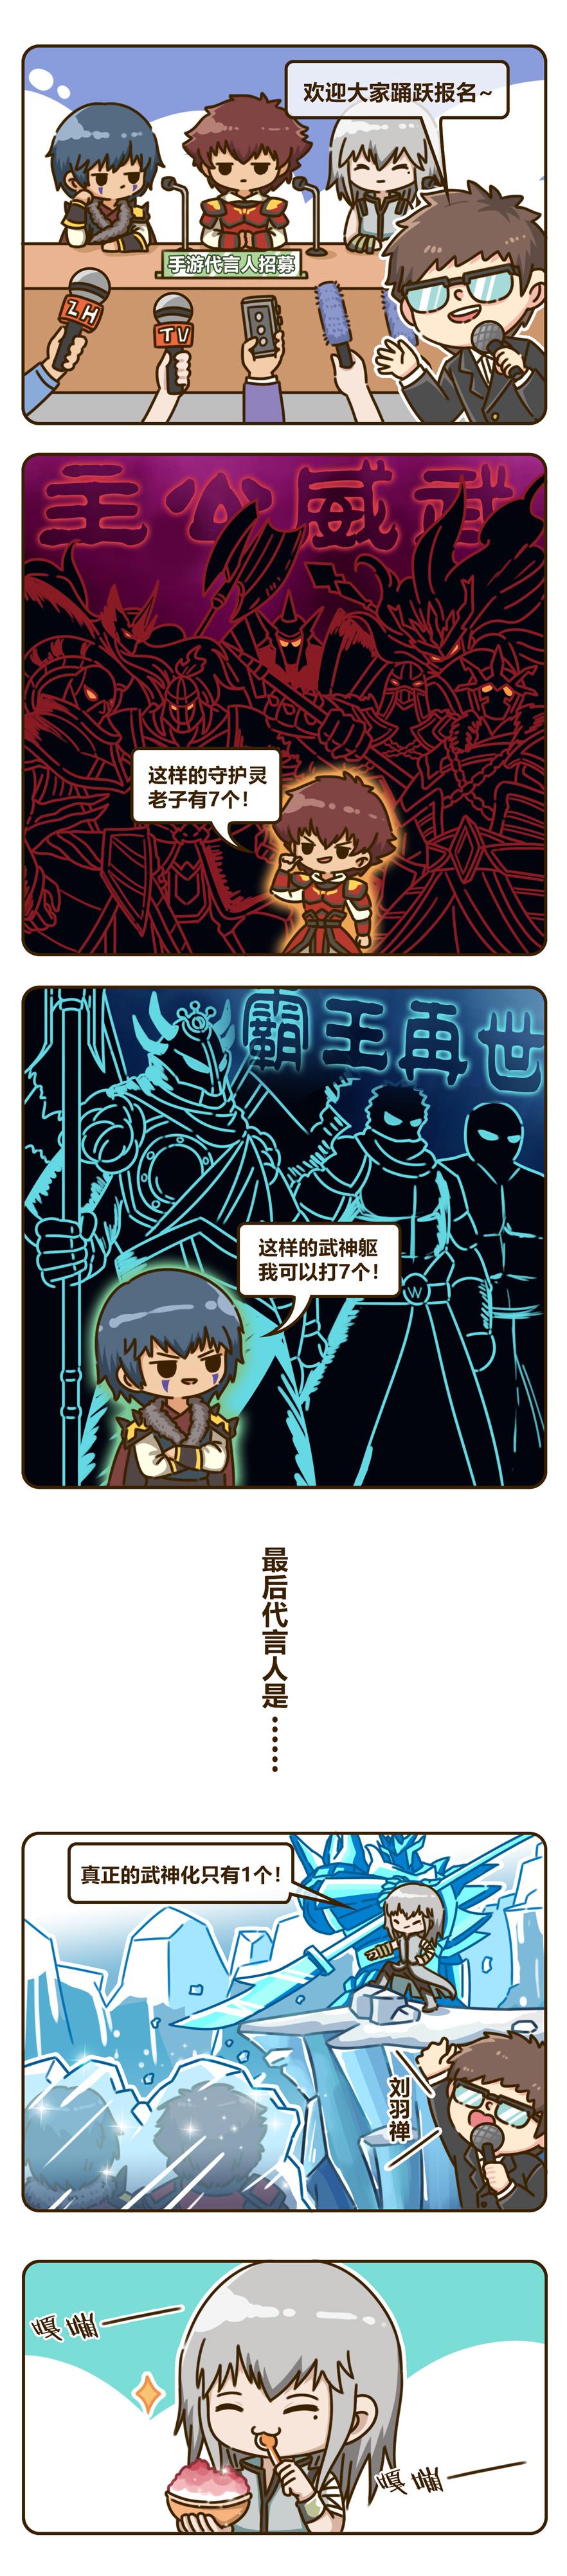 【武神躯小剧场】代言人争夺之战